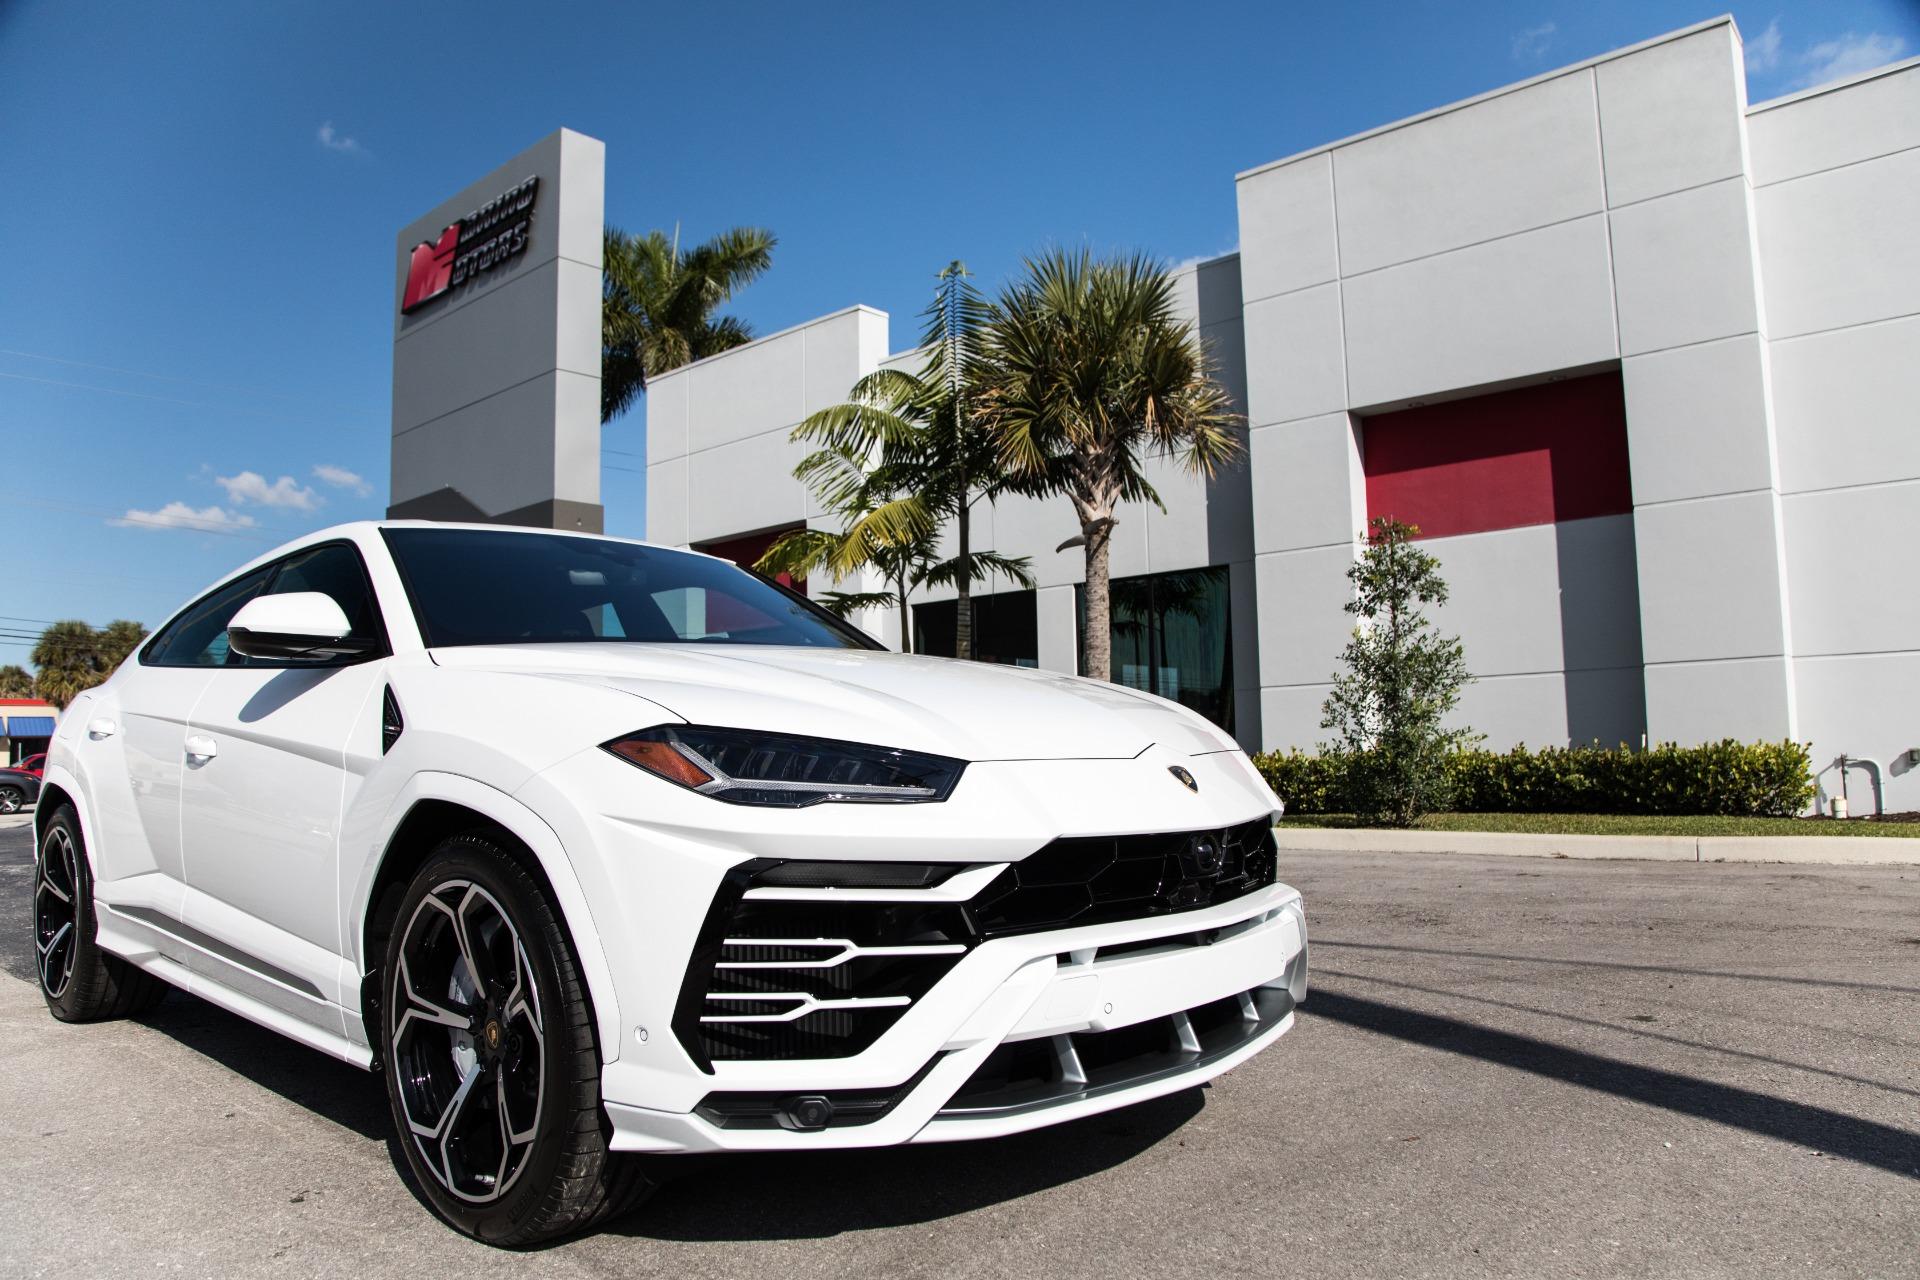 Used 2020 Lamborghini Urus For Sale ($239,900)